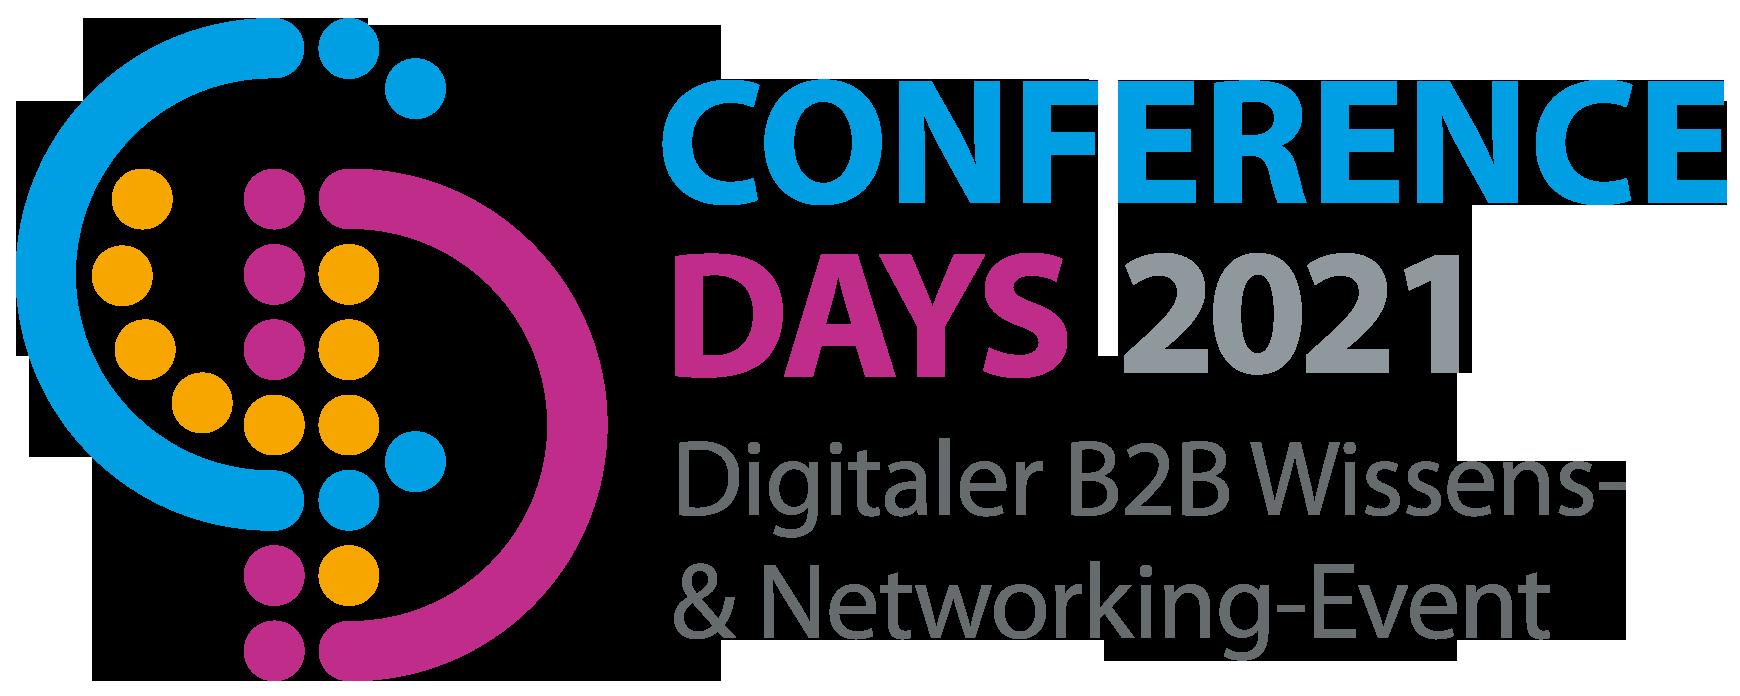 ConferenceDays